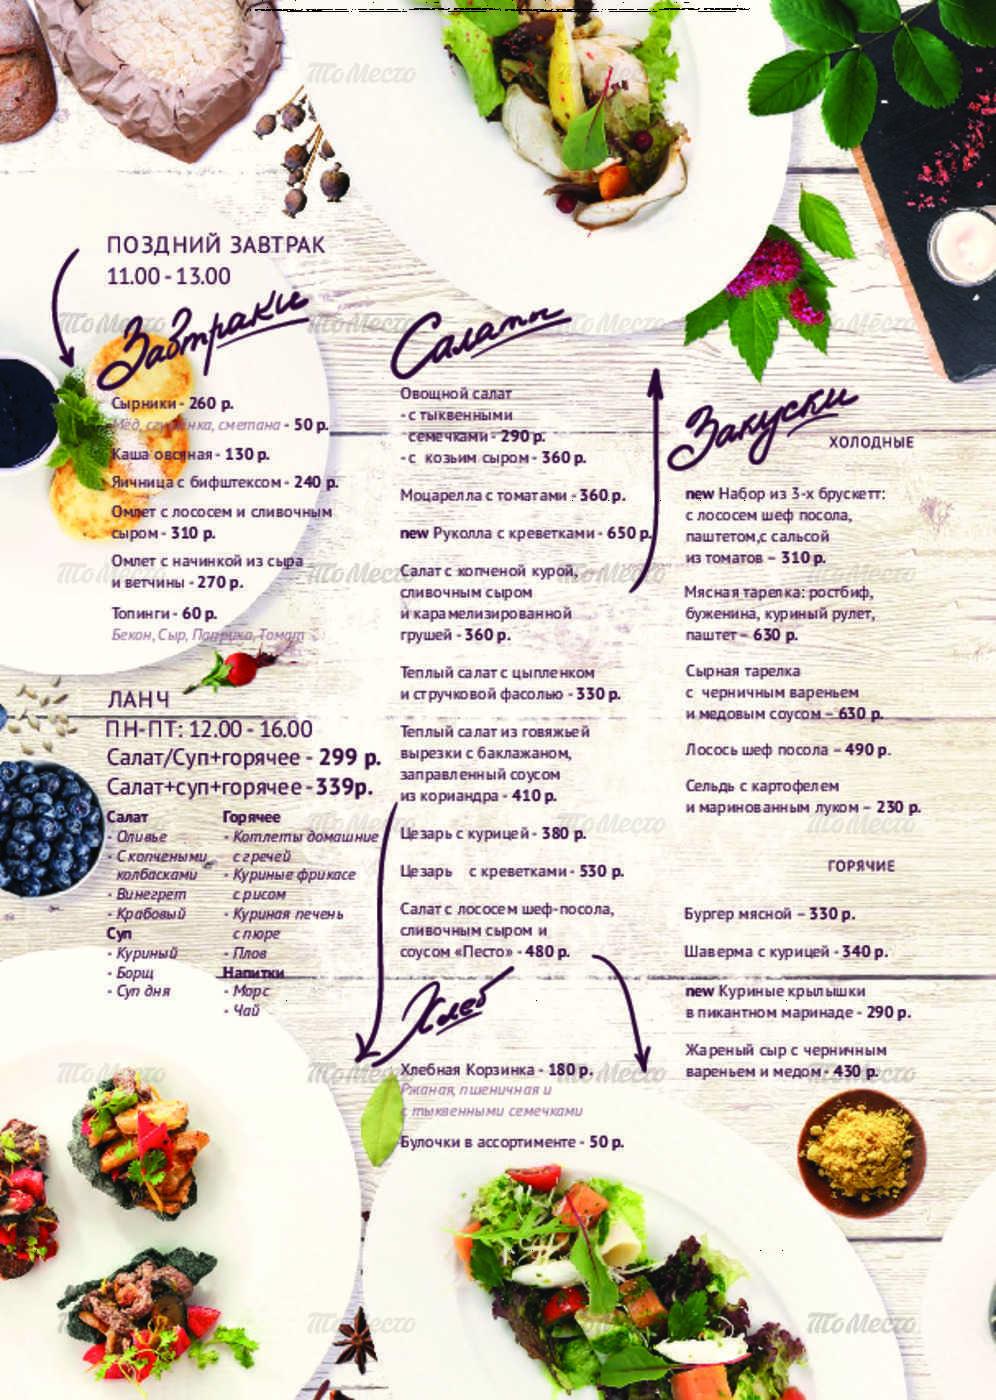 Черника ресторан спб официальный сайт